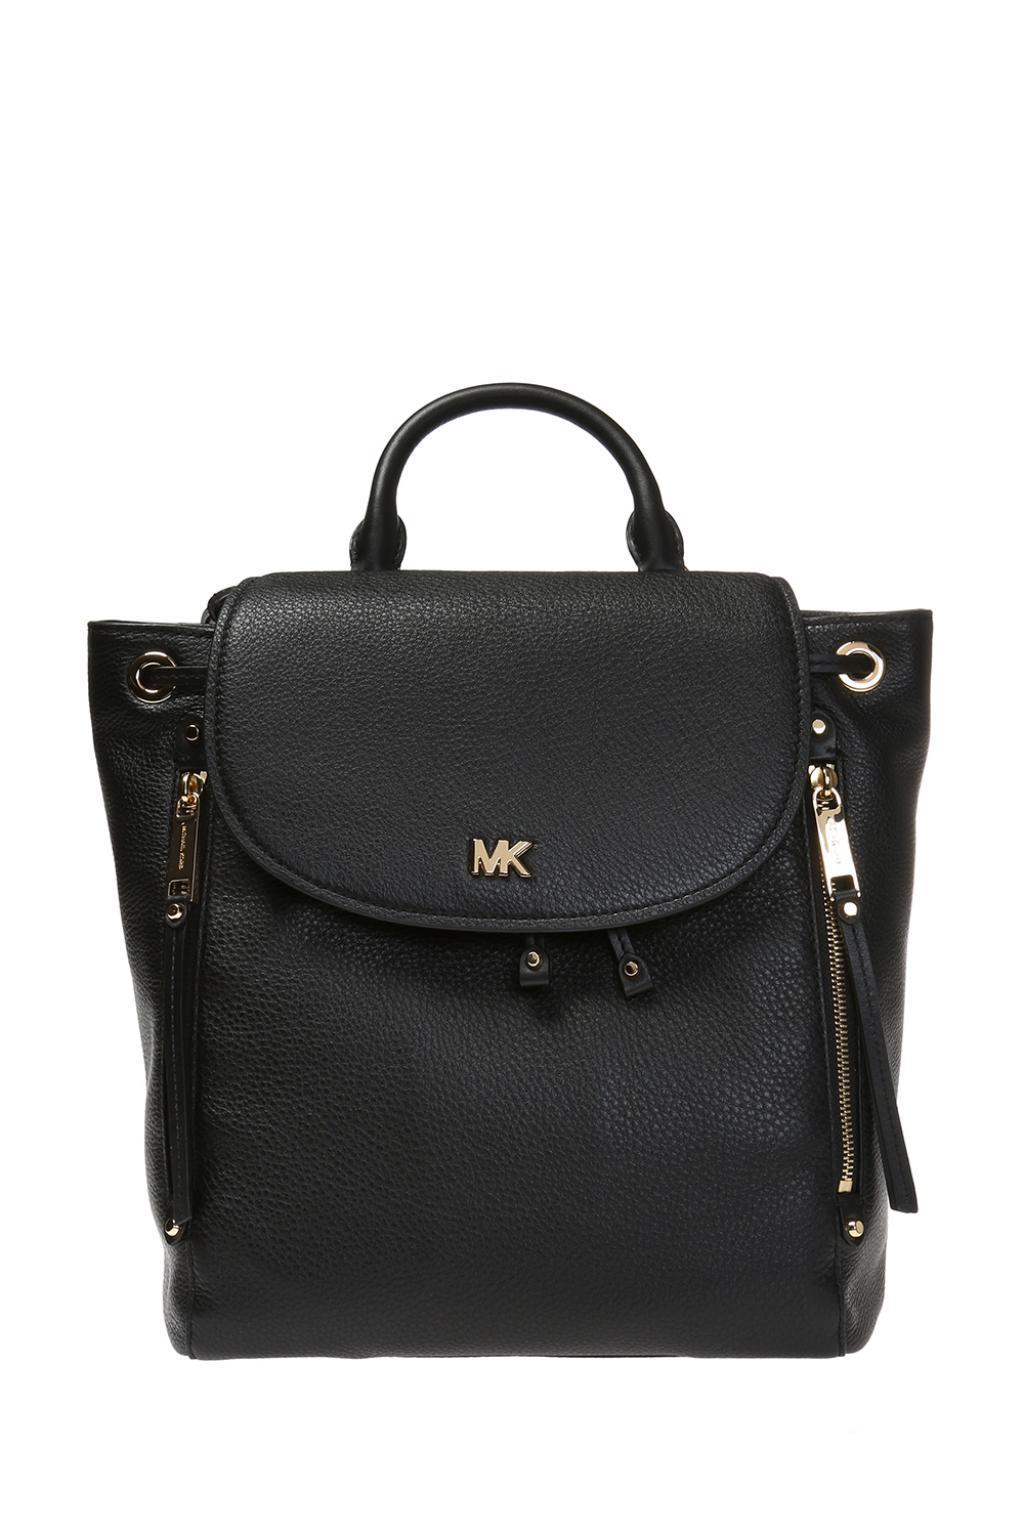 8040643c09c4 Michael Kors  evie  Backpack in Black - Lyst